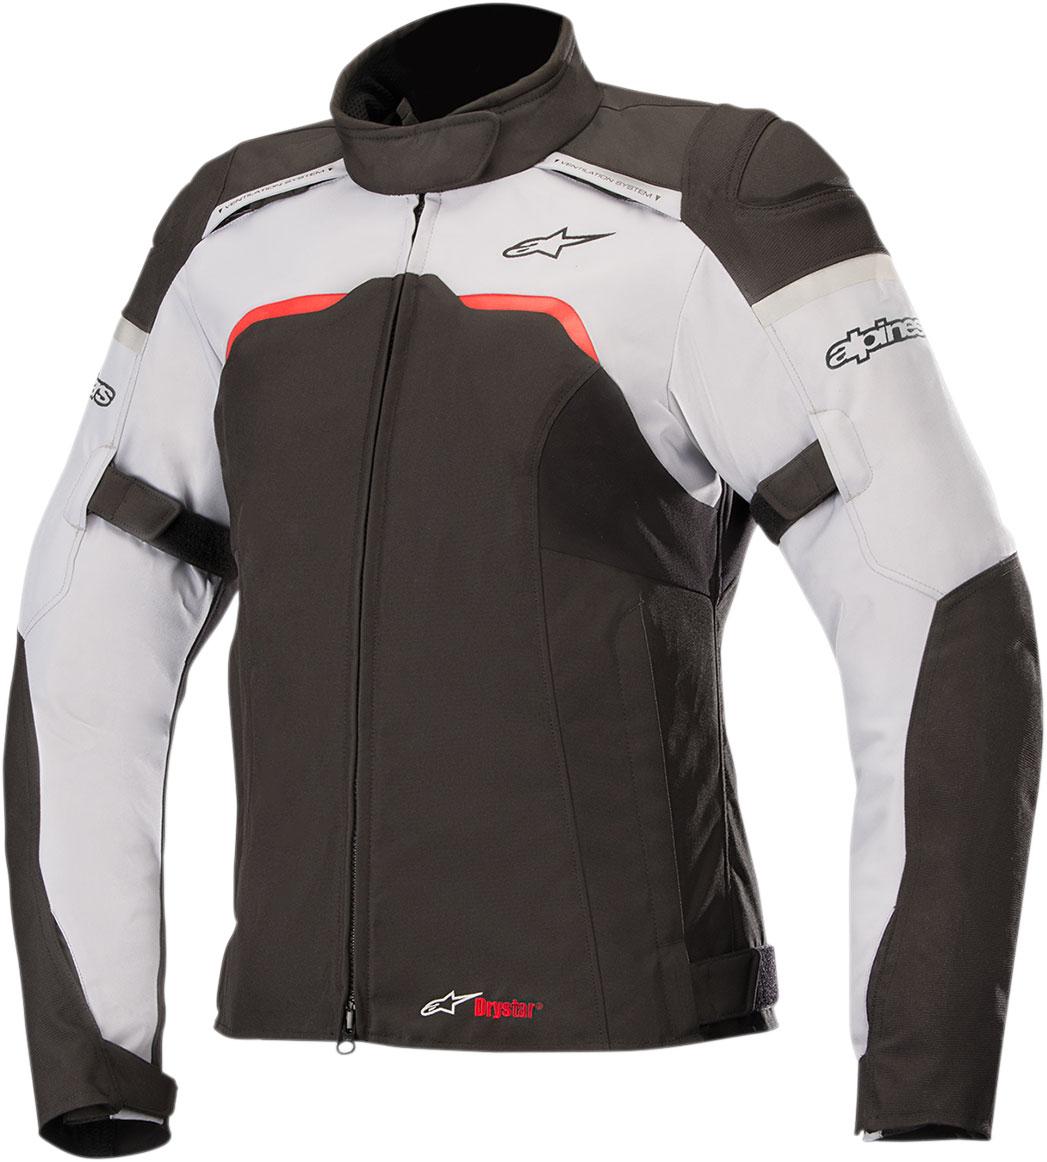 Alpinestars Stella HYPER Drystar Sport-Touring Jacket (Black/Gray)